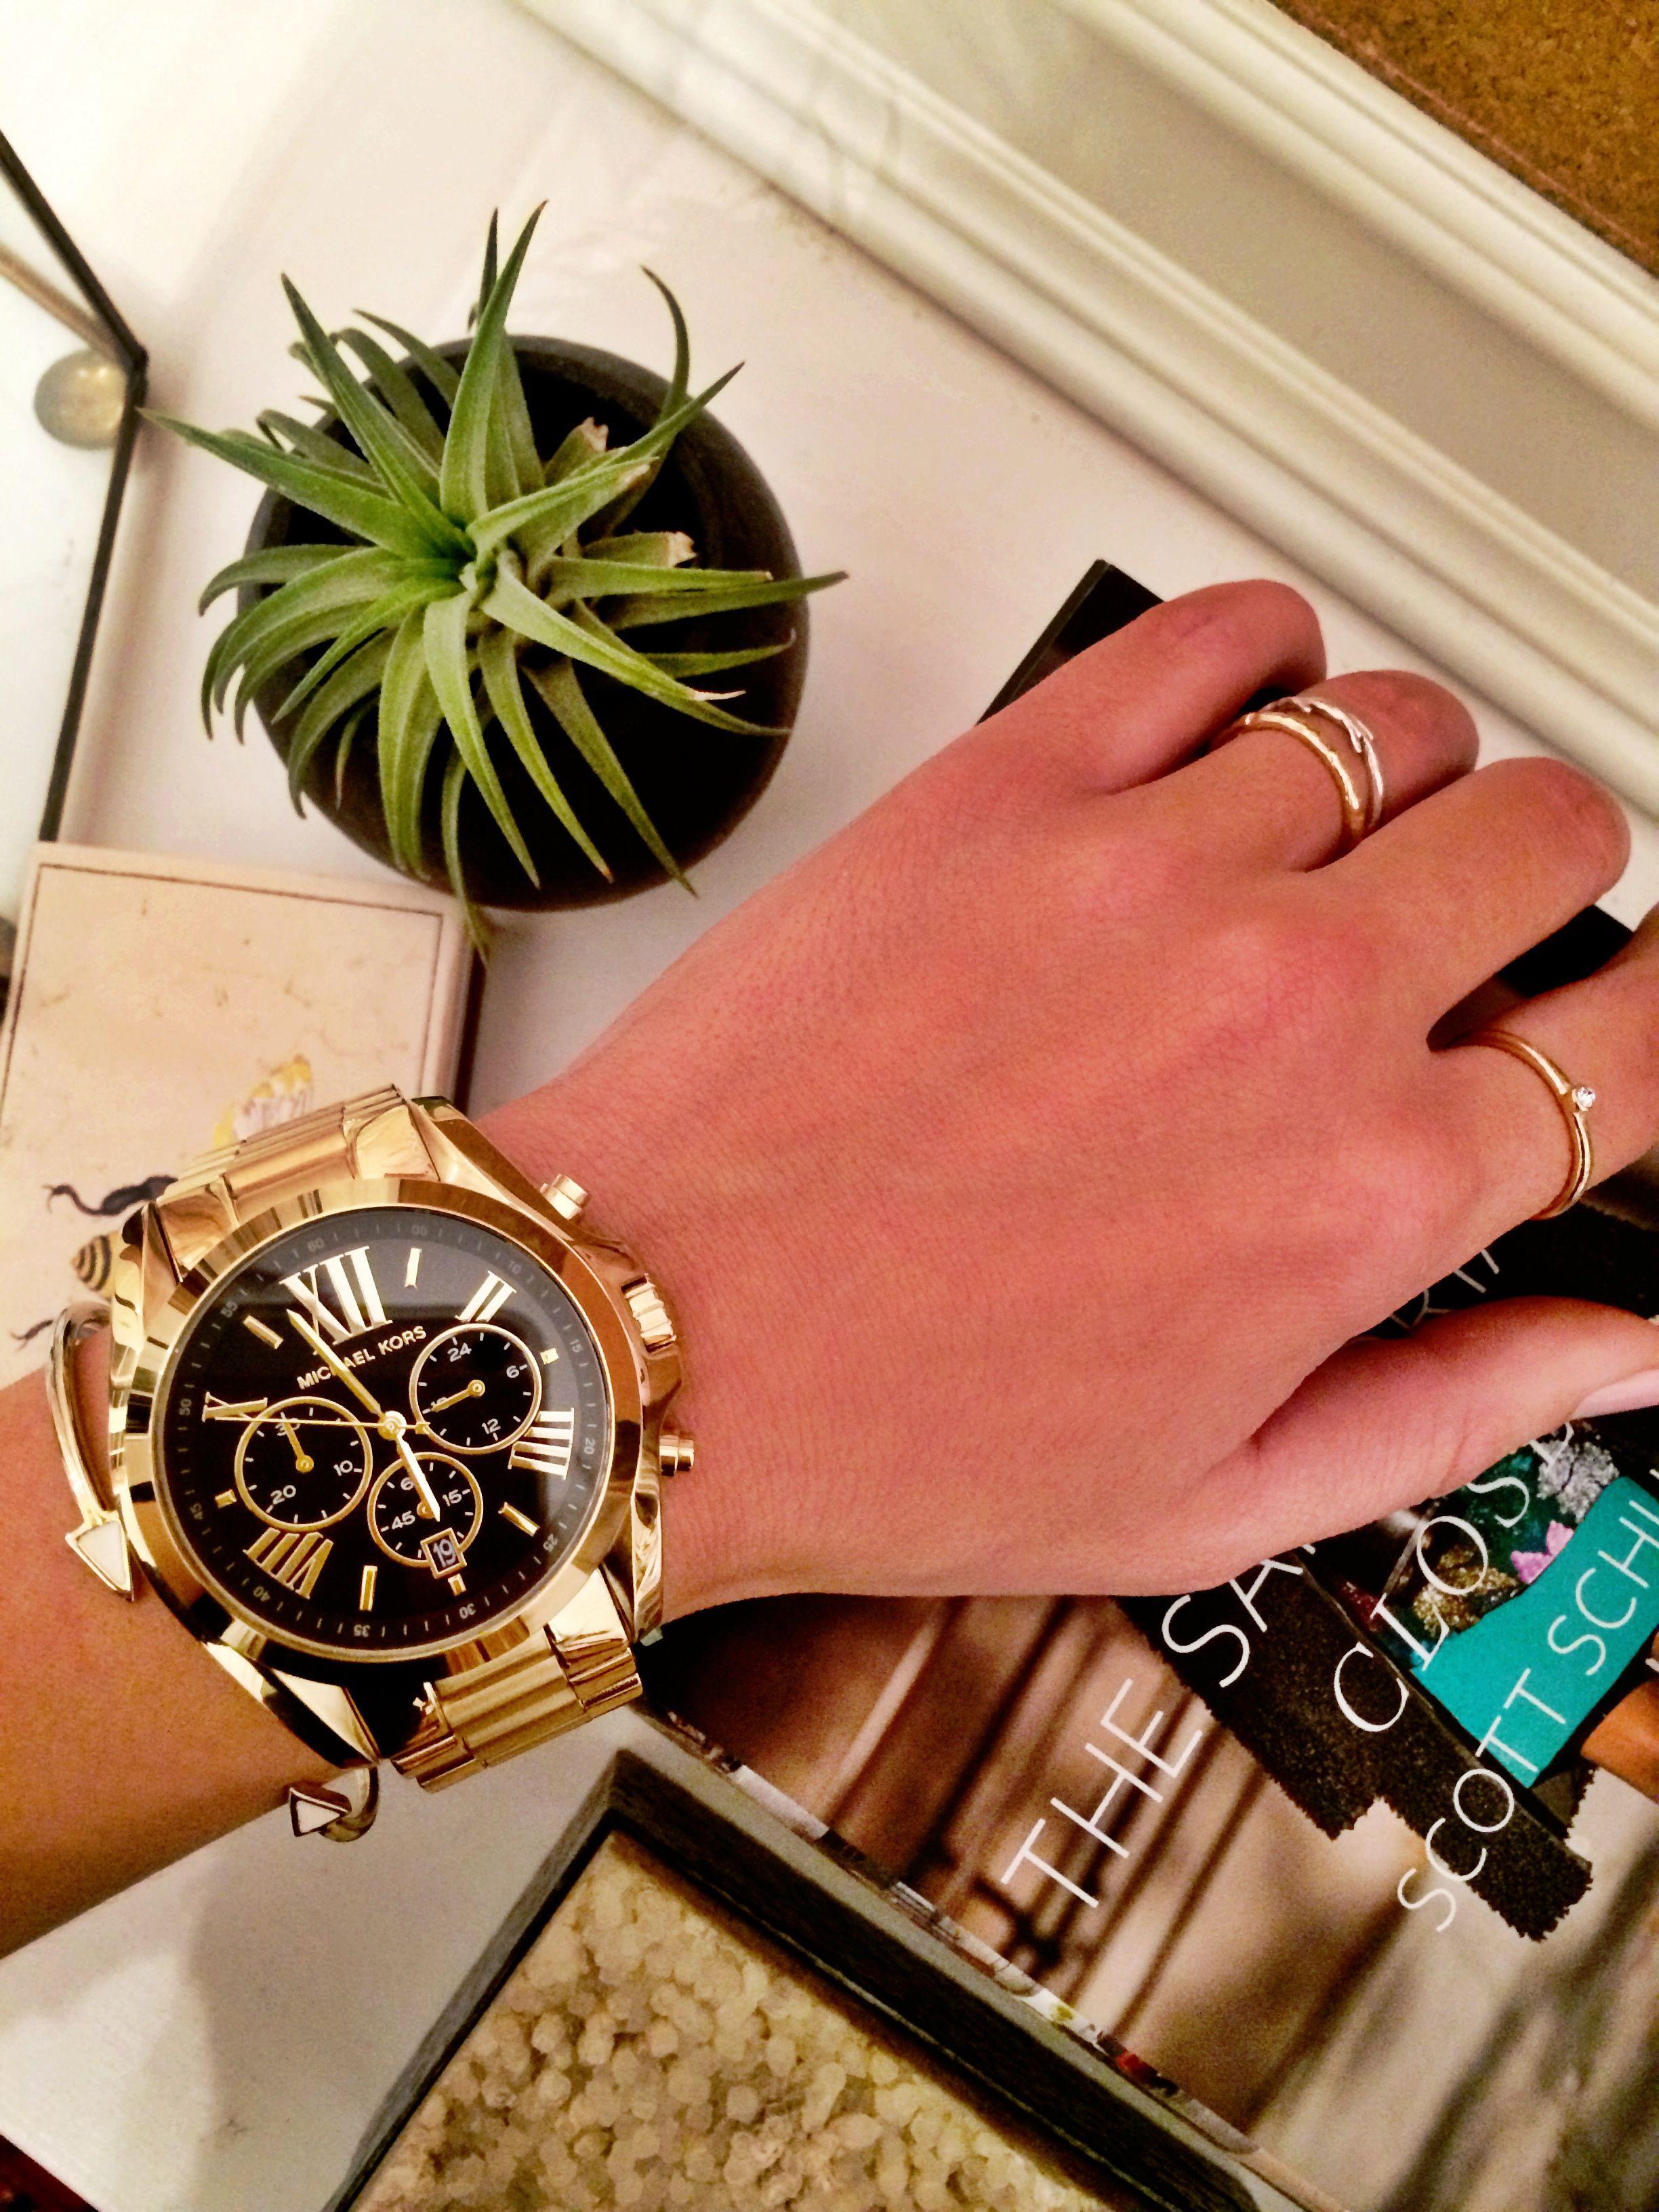 dallas shaw instagram michael kors bradshaw fashion beauty rh tr pinterest com